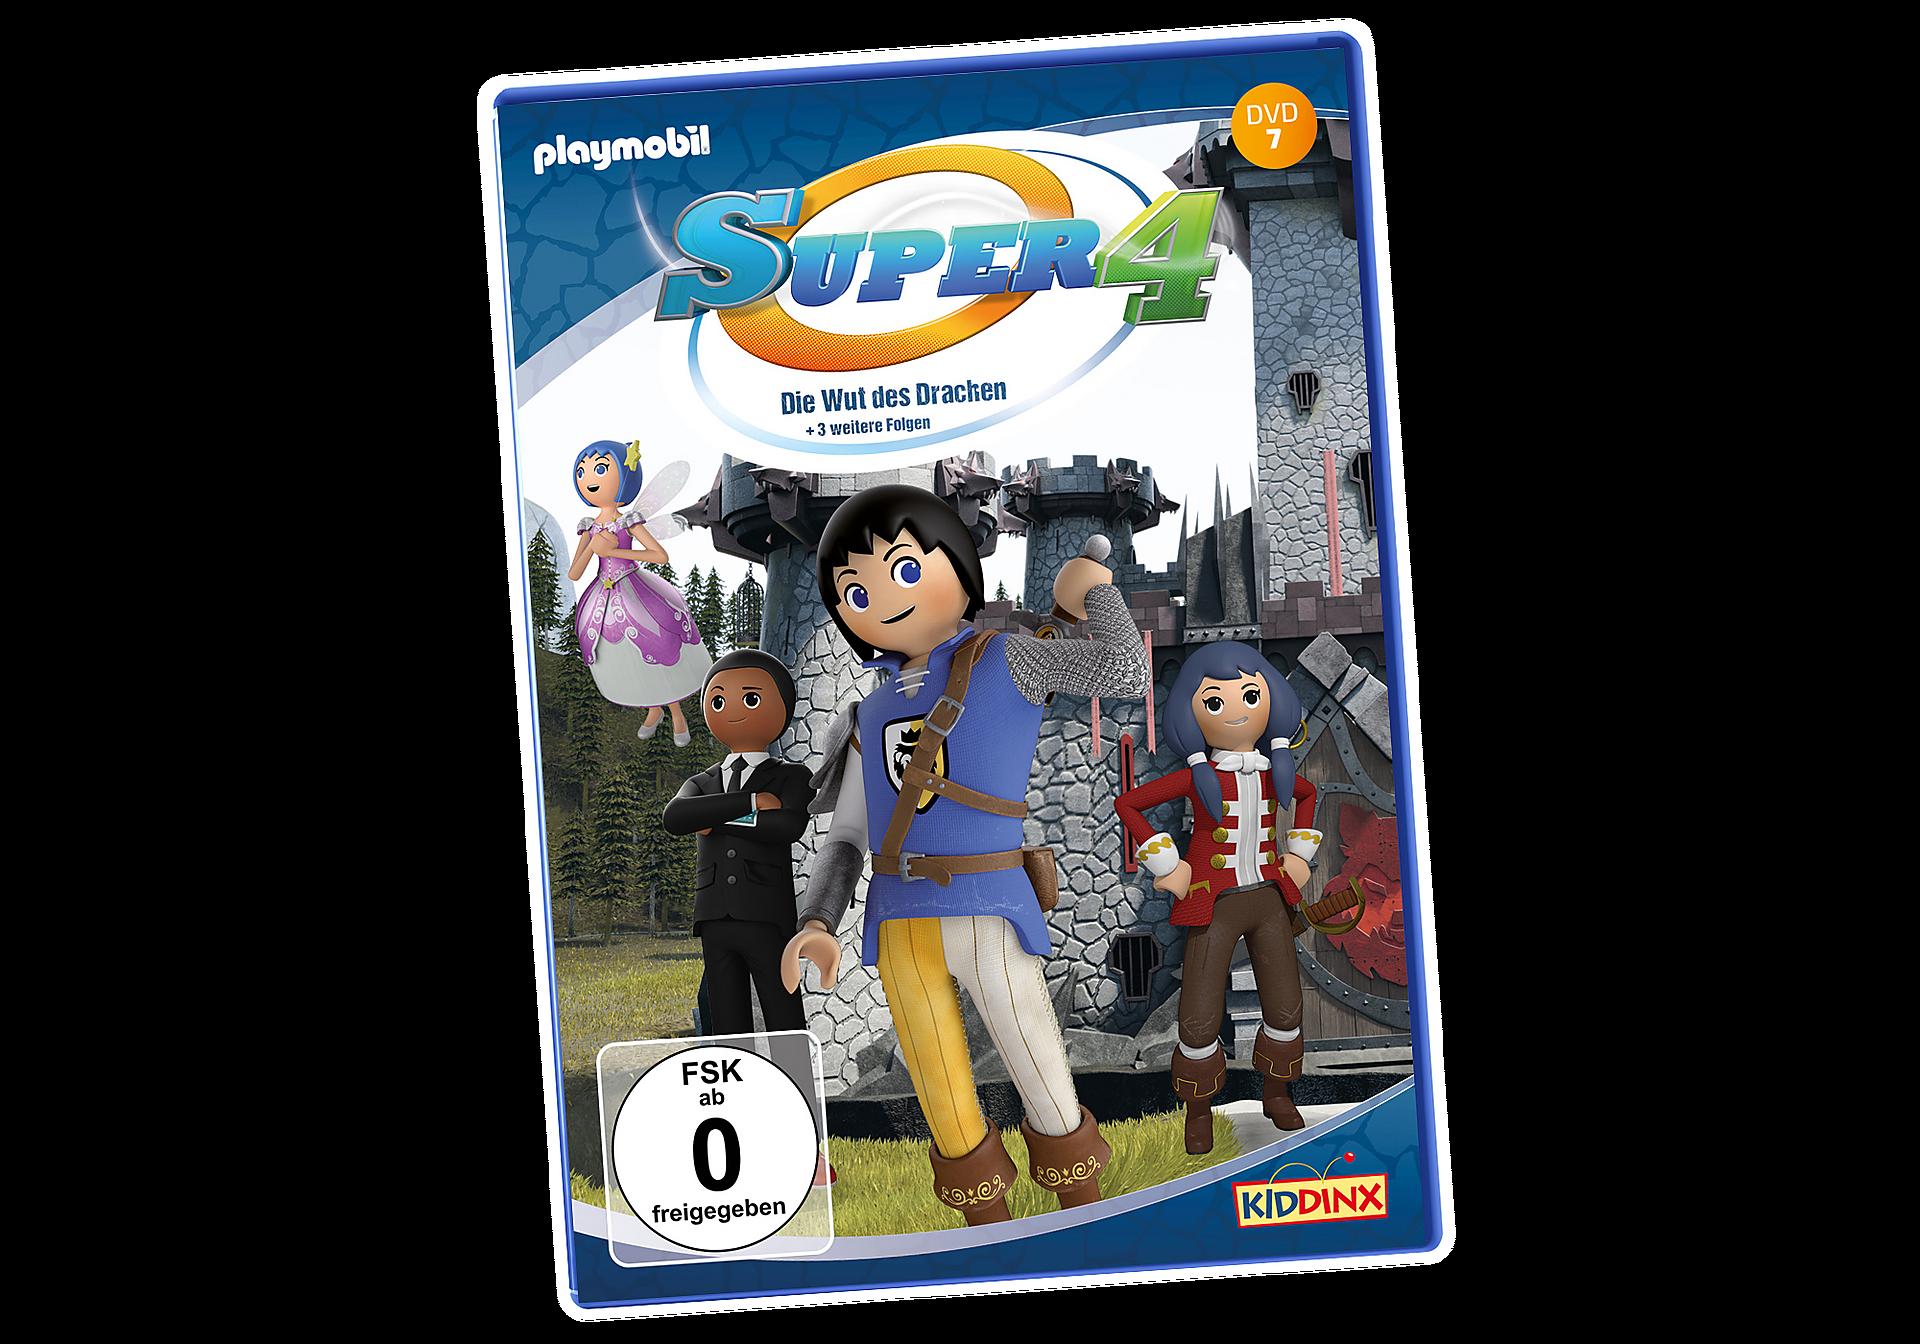 80019 DVD Super4: Die Wut des Drachen   zoom image1